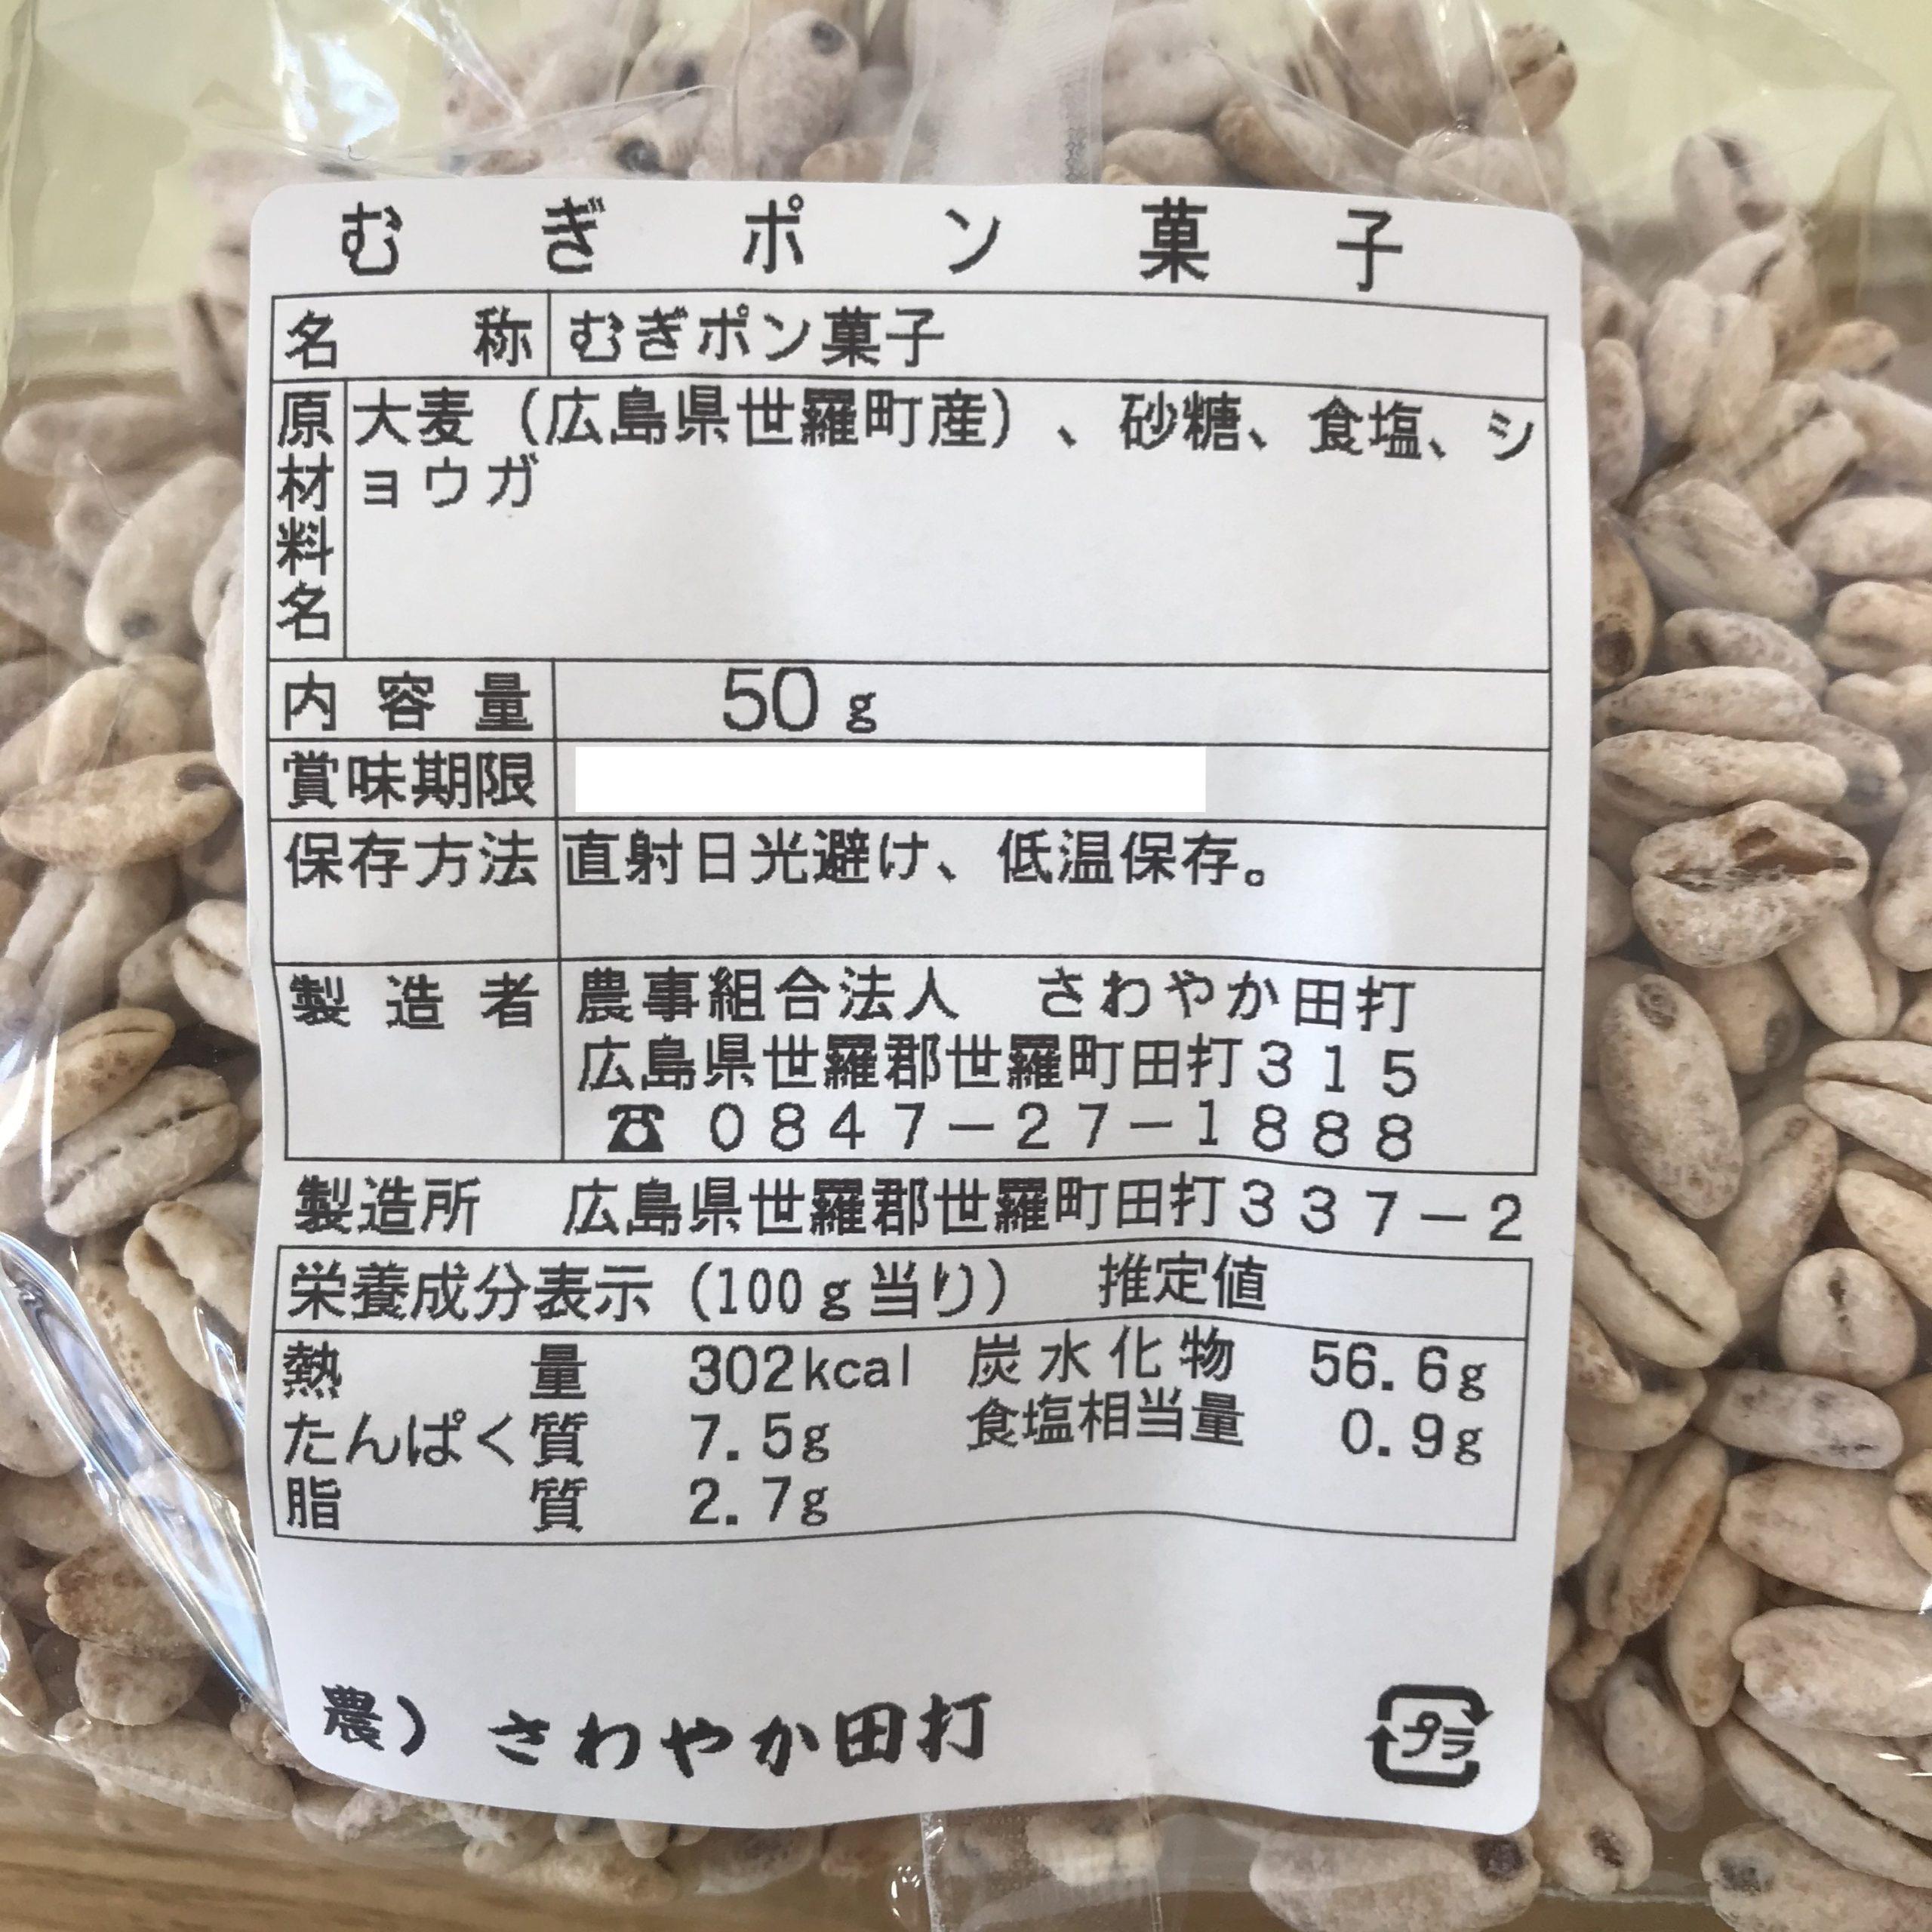 むぎポン菓子50g